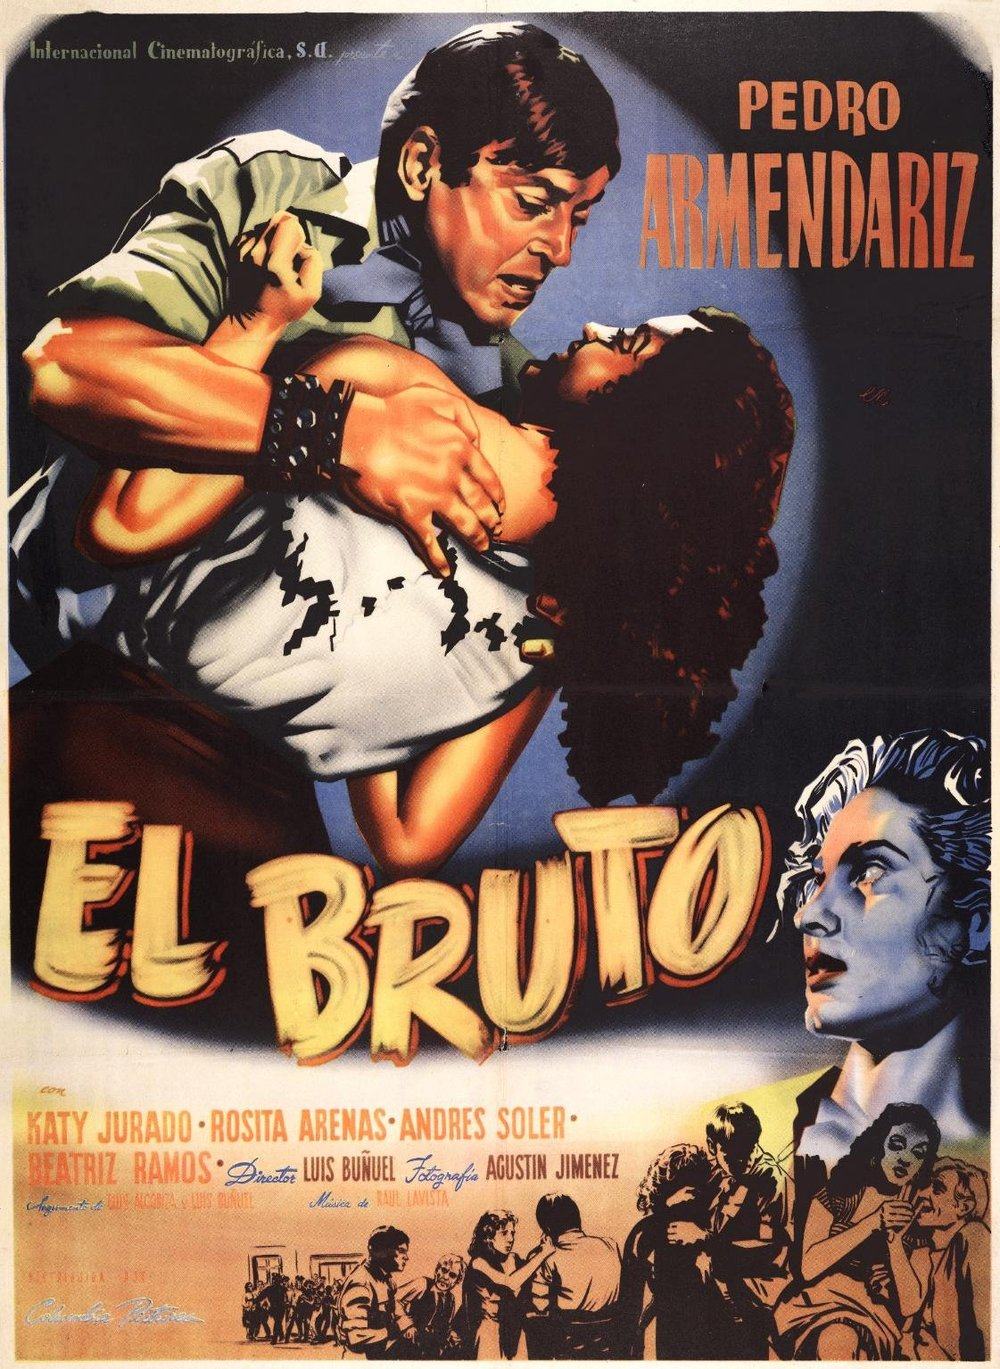 El bruto 1952 cartel